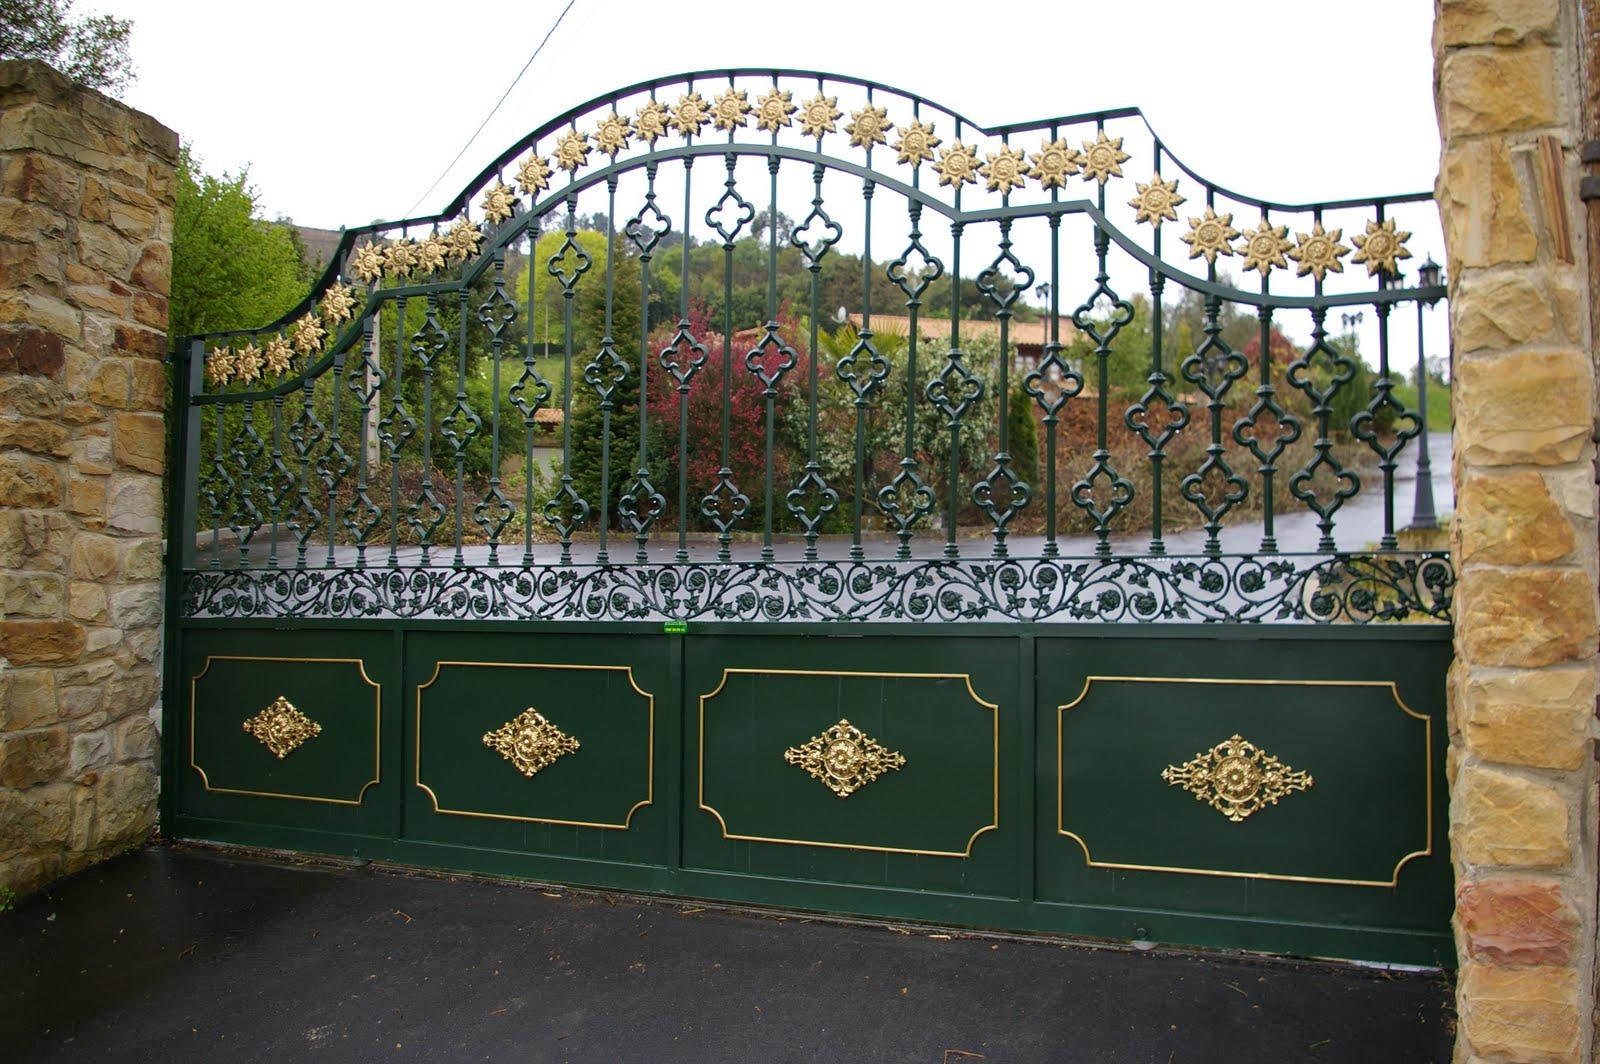 Puertas metalicas gij n nuevas fotos artesania en hierro - Puertas de entrada metalicas ...